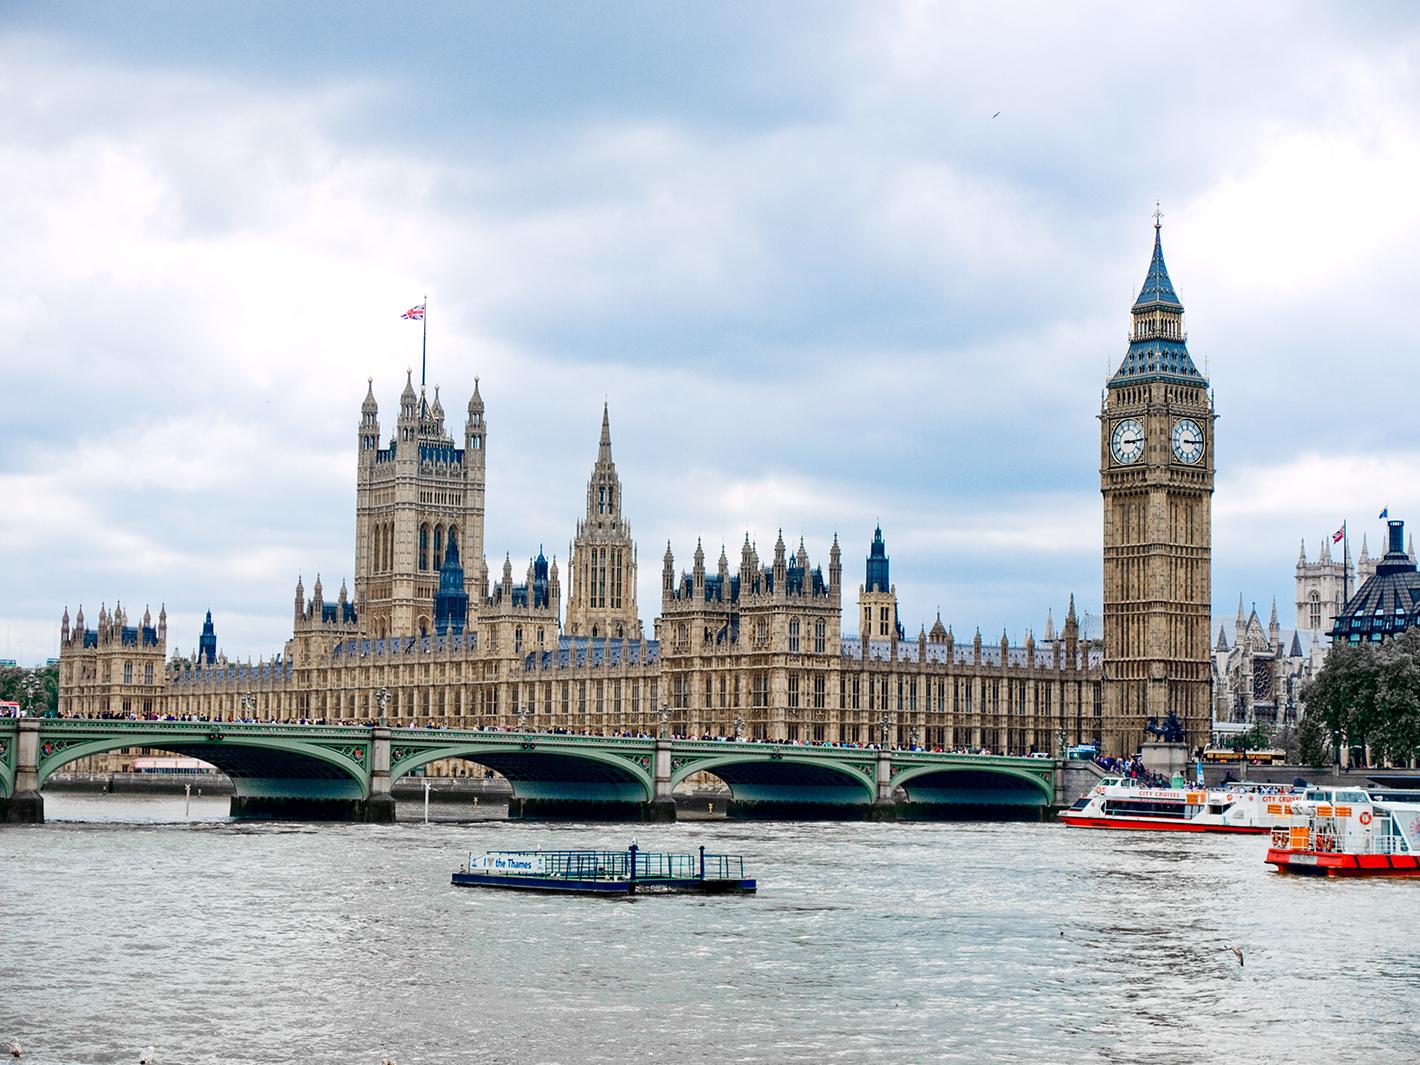 英国富人乘私人飞机逃离二次封城|英国富人乘私人飞机逃离二次封城怎么回事?网友欧洲现在哪都一样